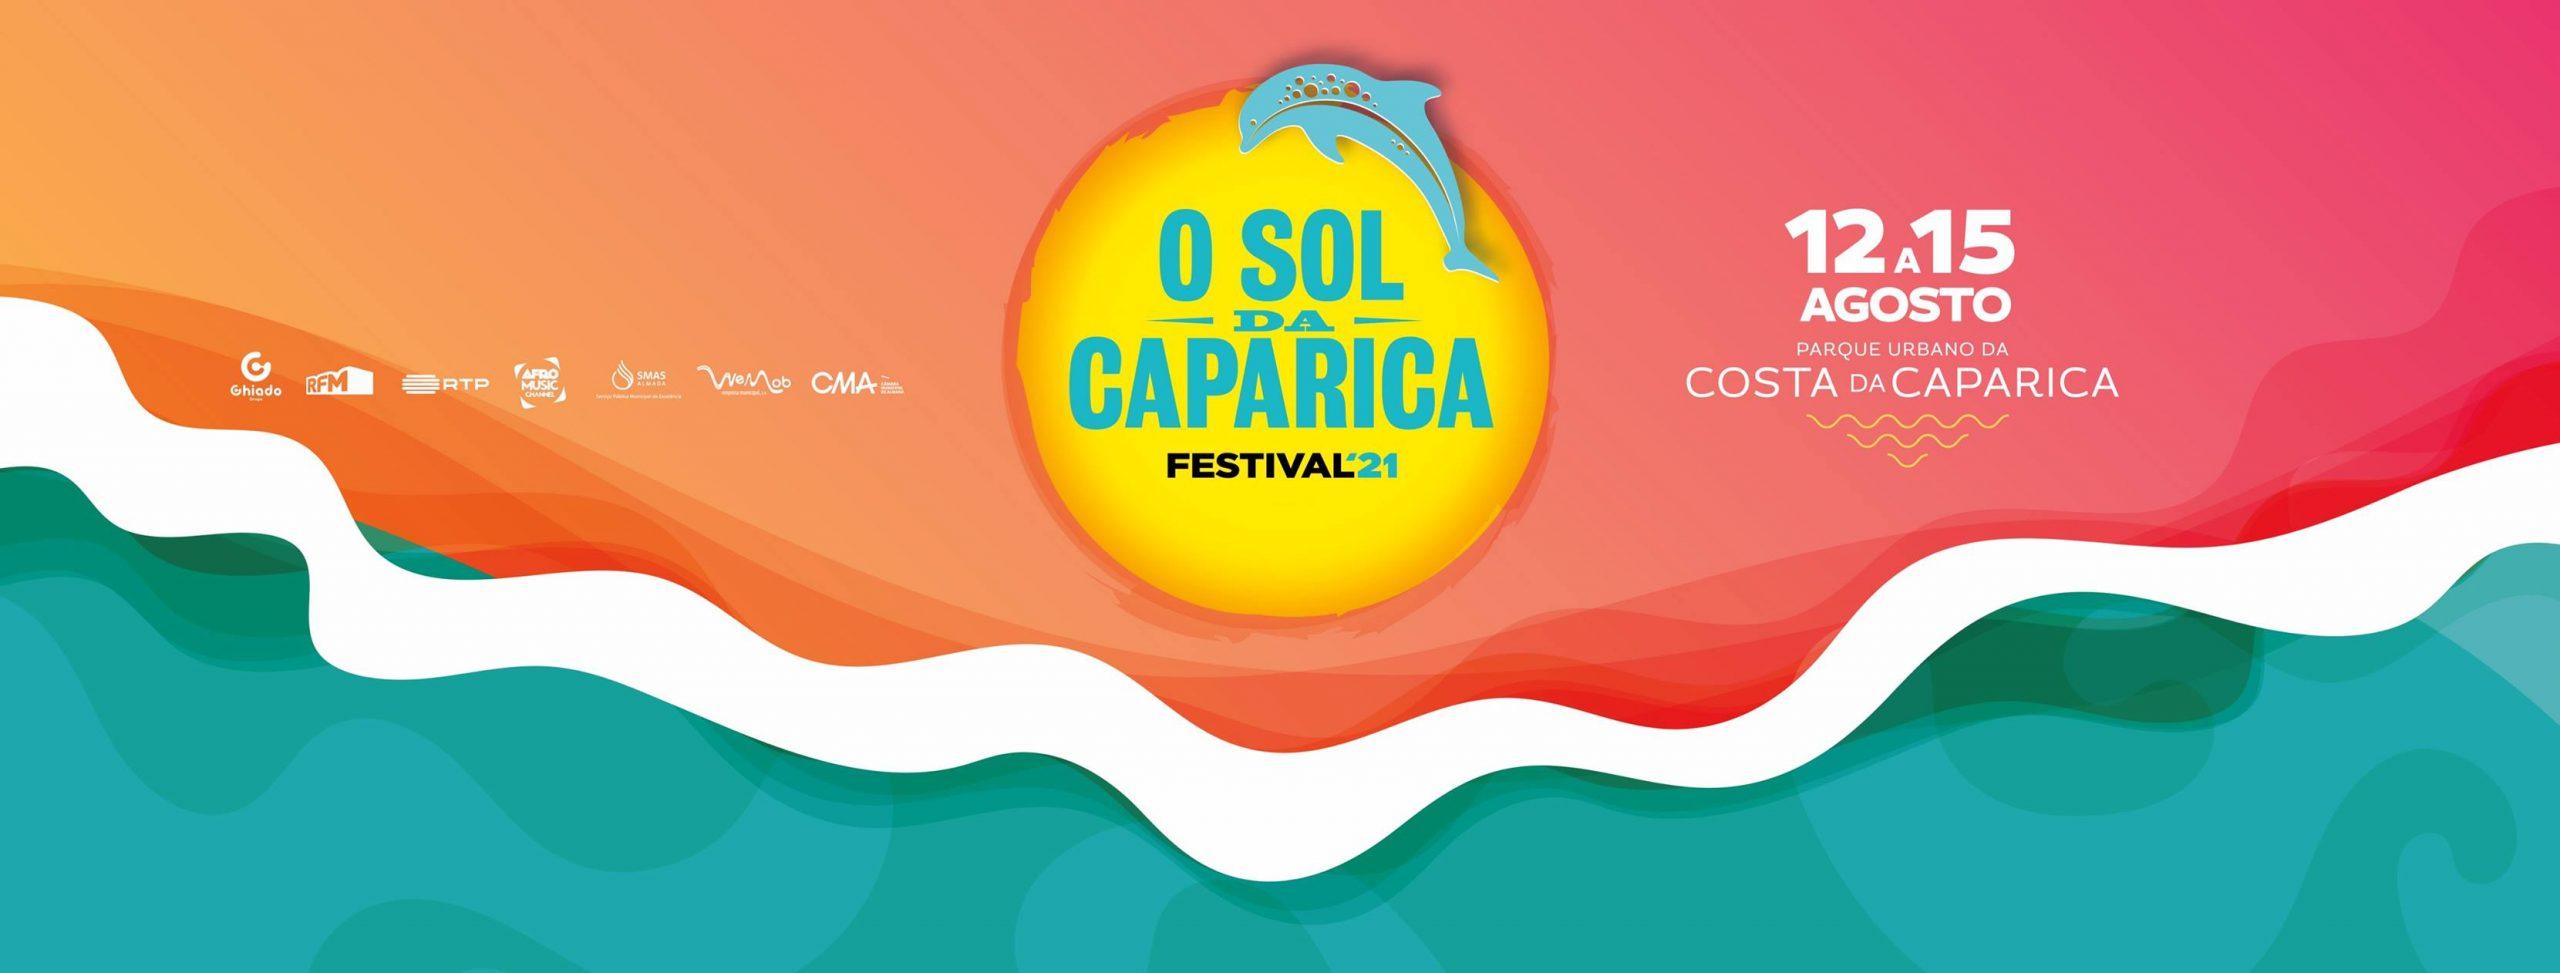 O Sol da Caparica está de volta de 12 a 15 de Agosto de 2021